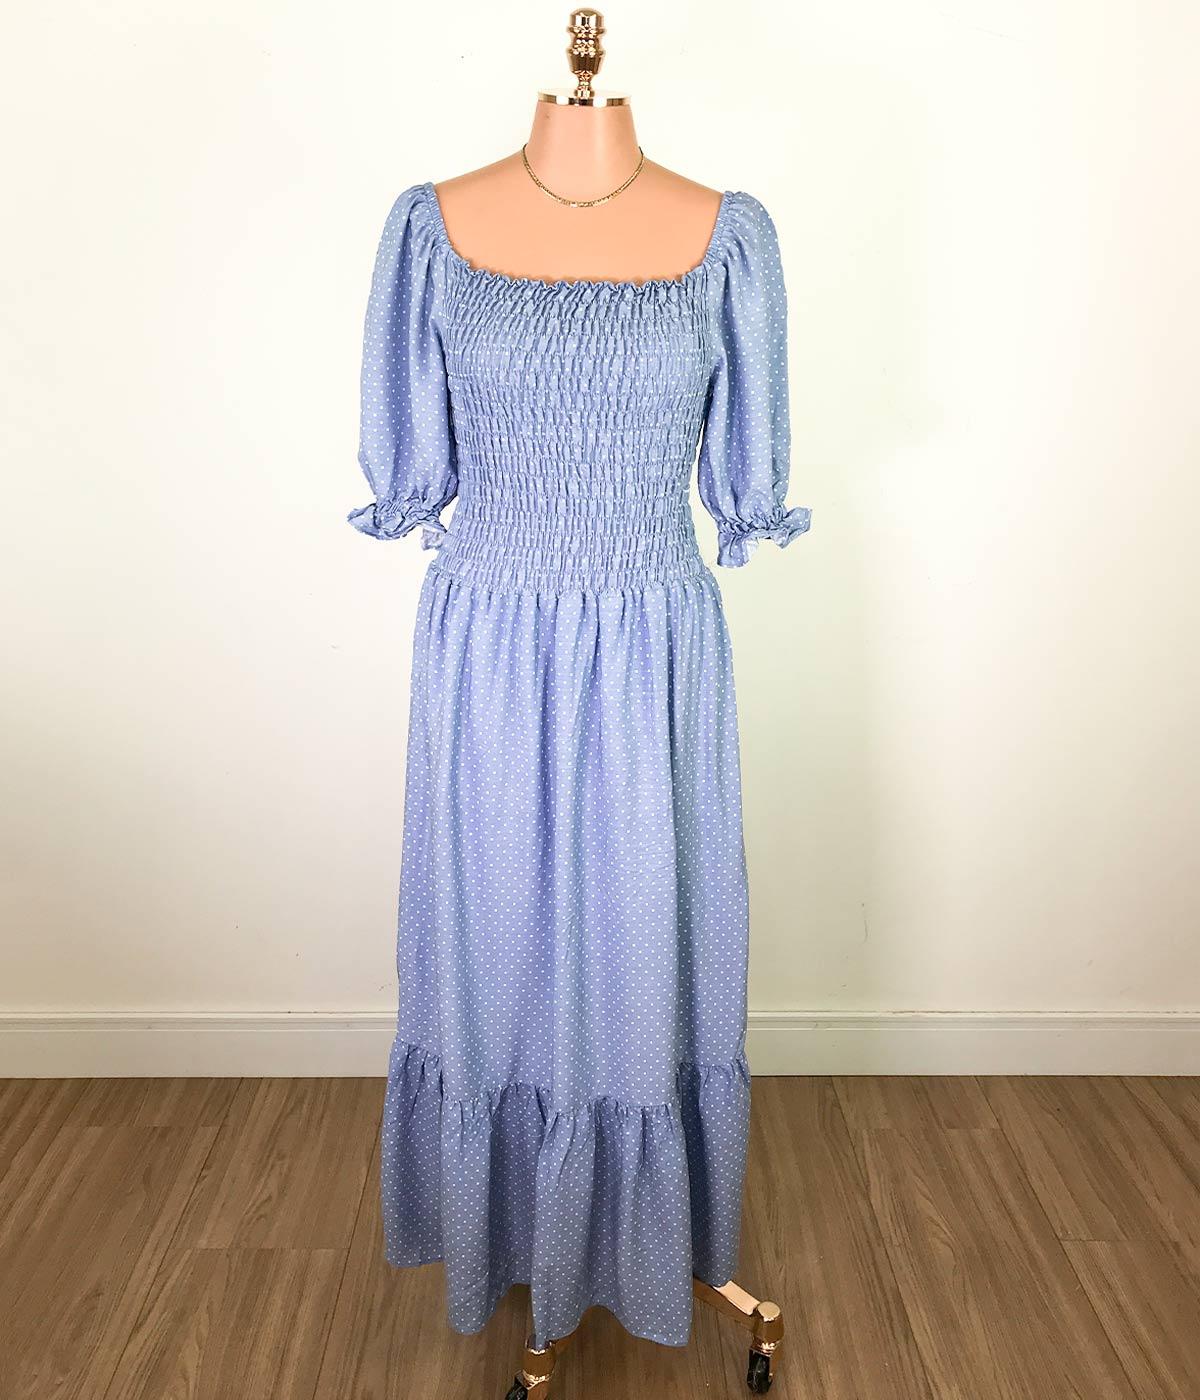 Vestido Longo Lastex Manga Bufante Poá Azul